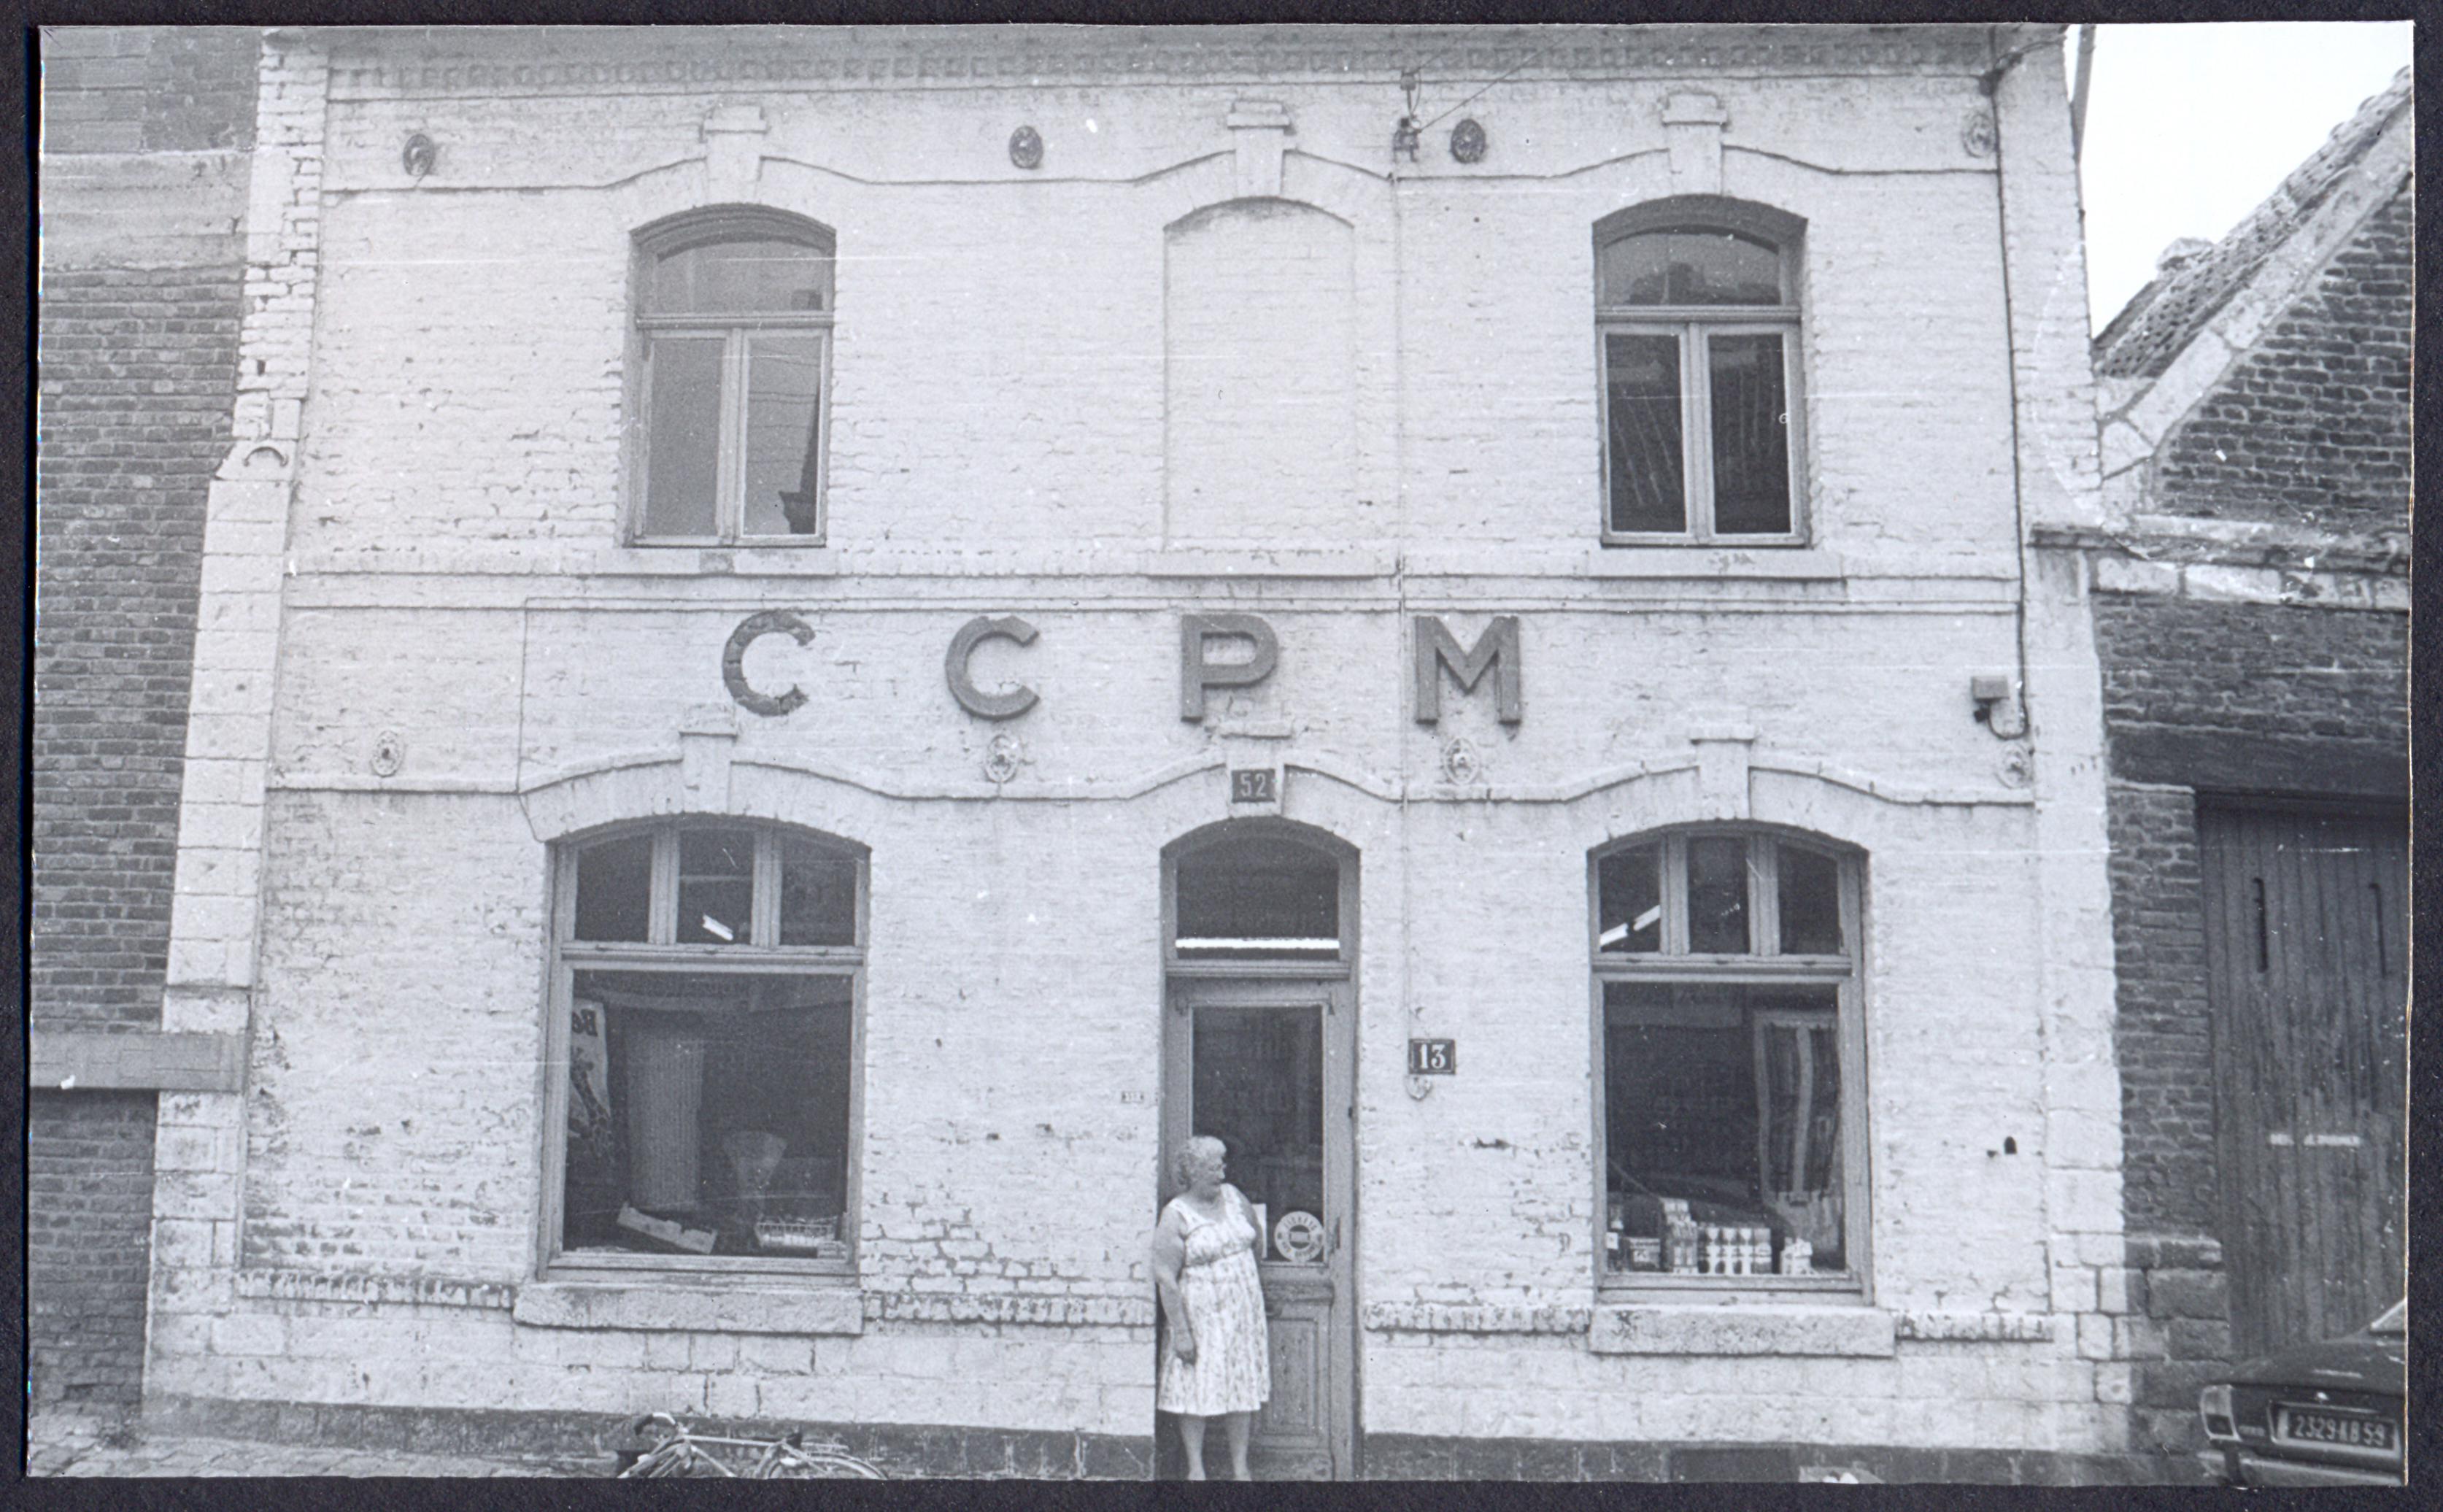 Commerçante posant devant la façade d'une coopérative minière : tirage photographique, Lewarde (Nord), 1982.